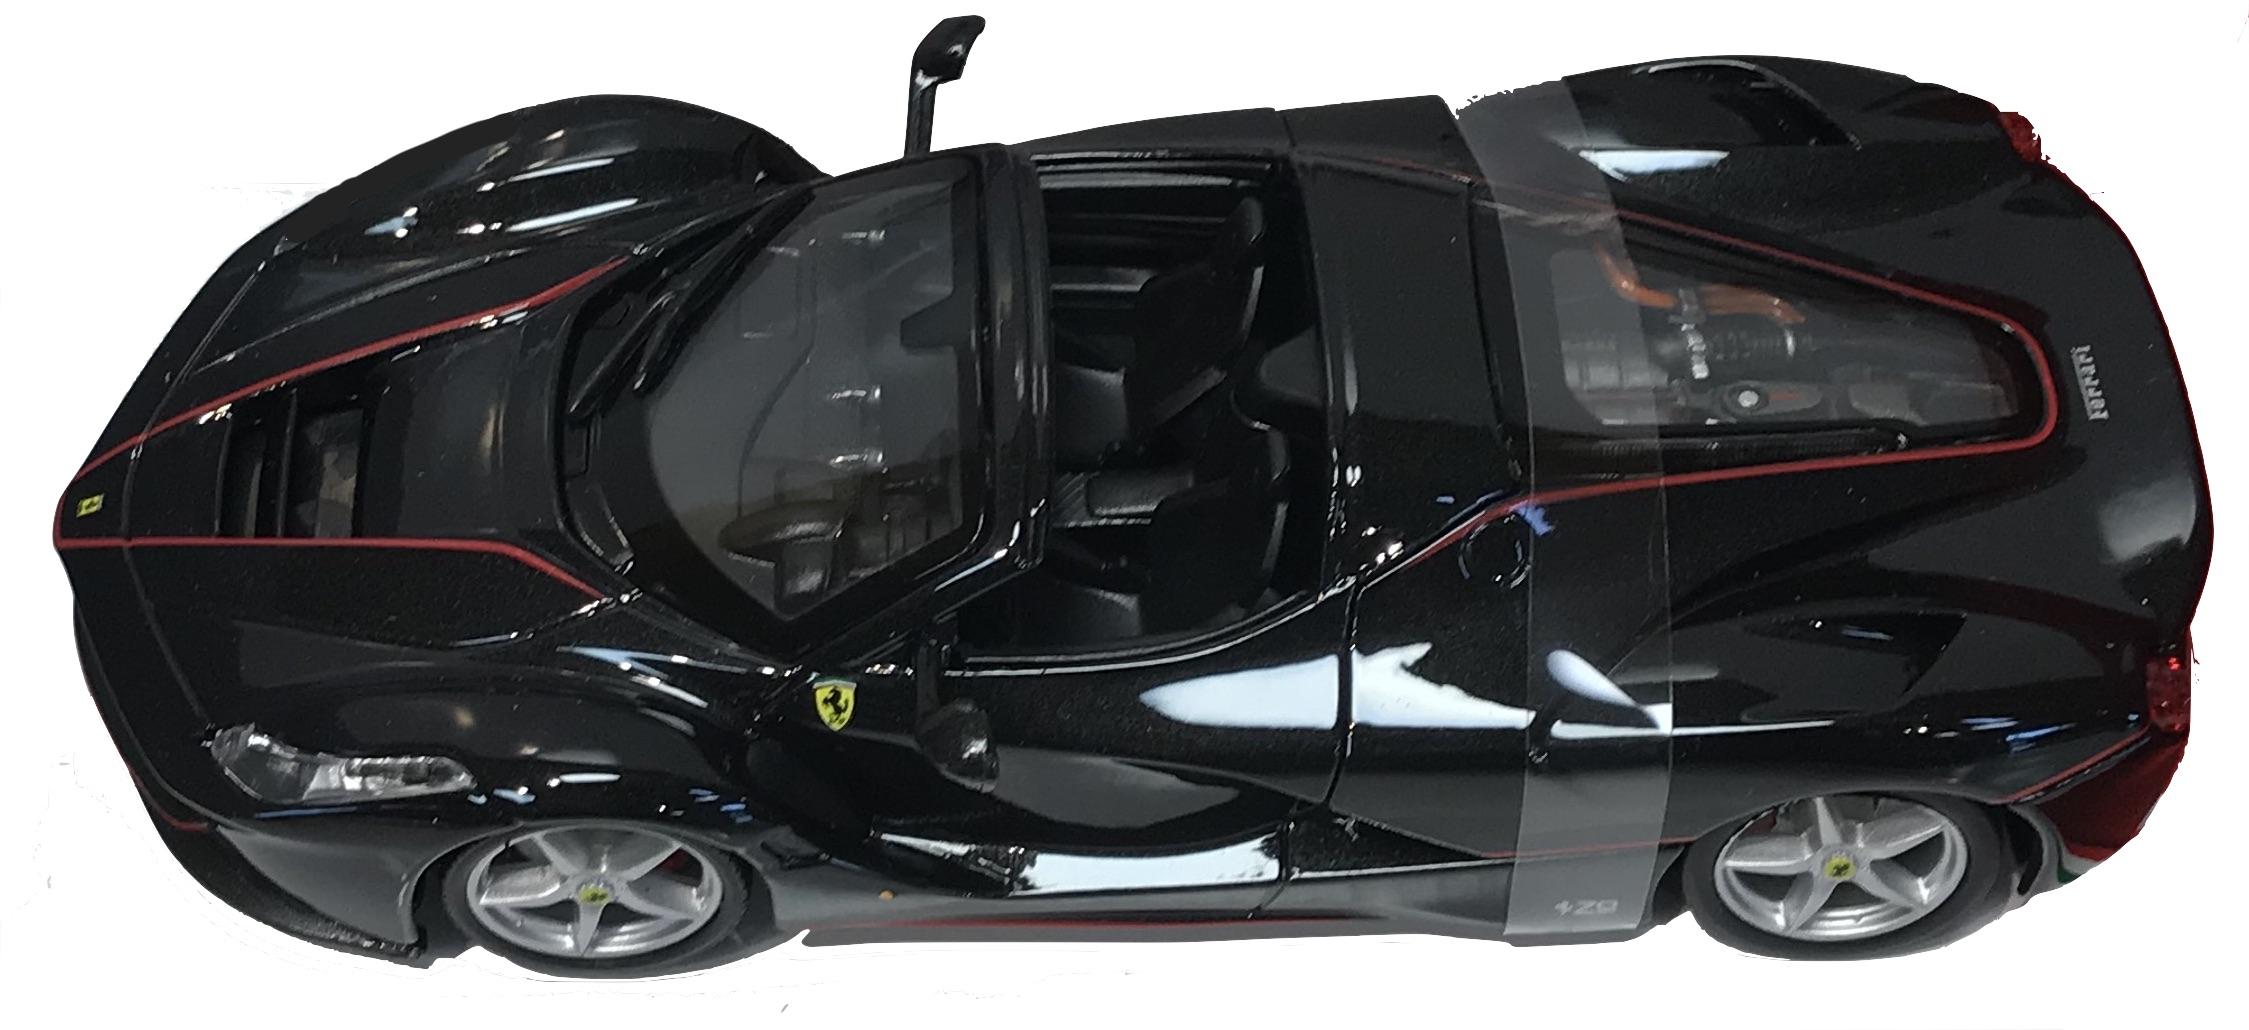 Ferrari La Ferrari Aperta Nera 1/24